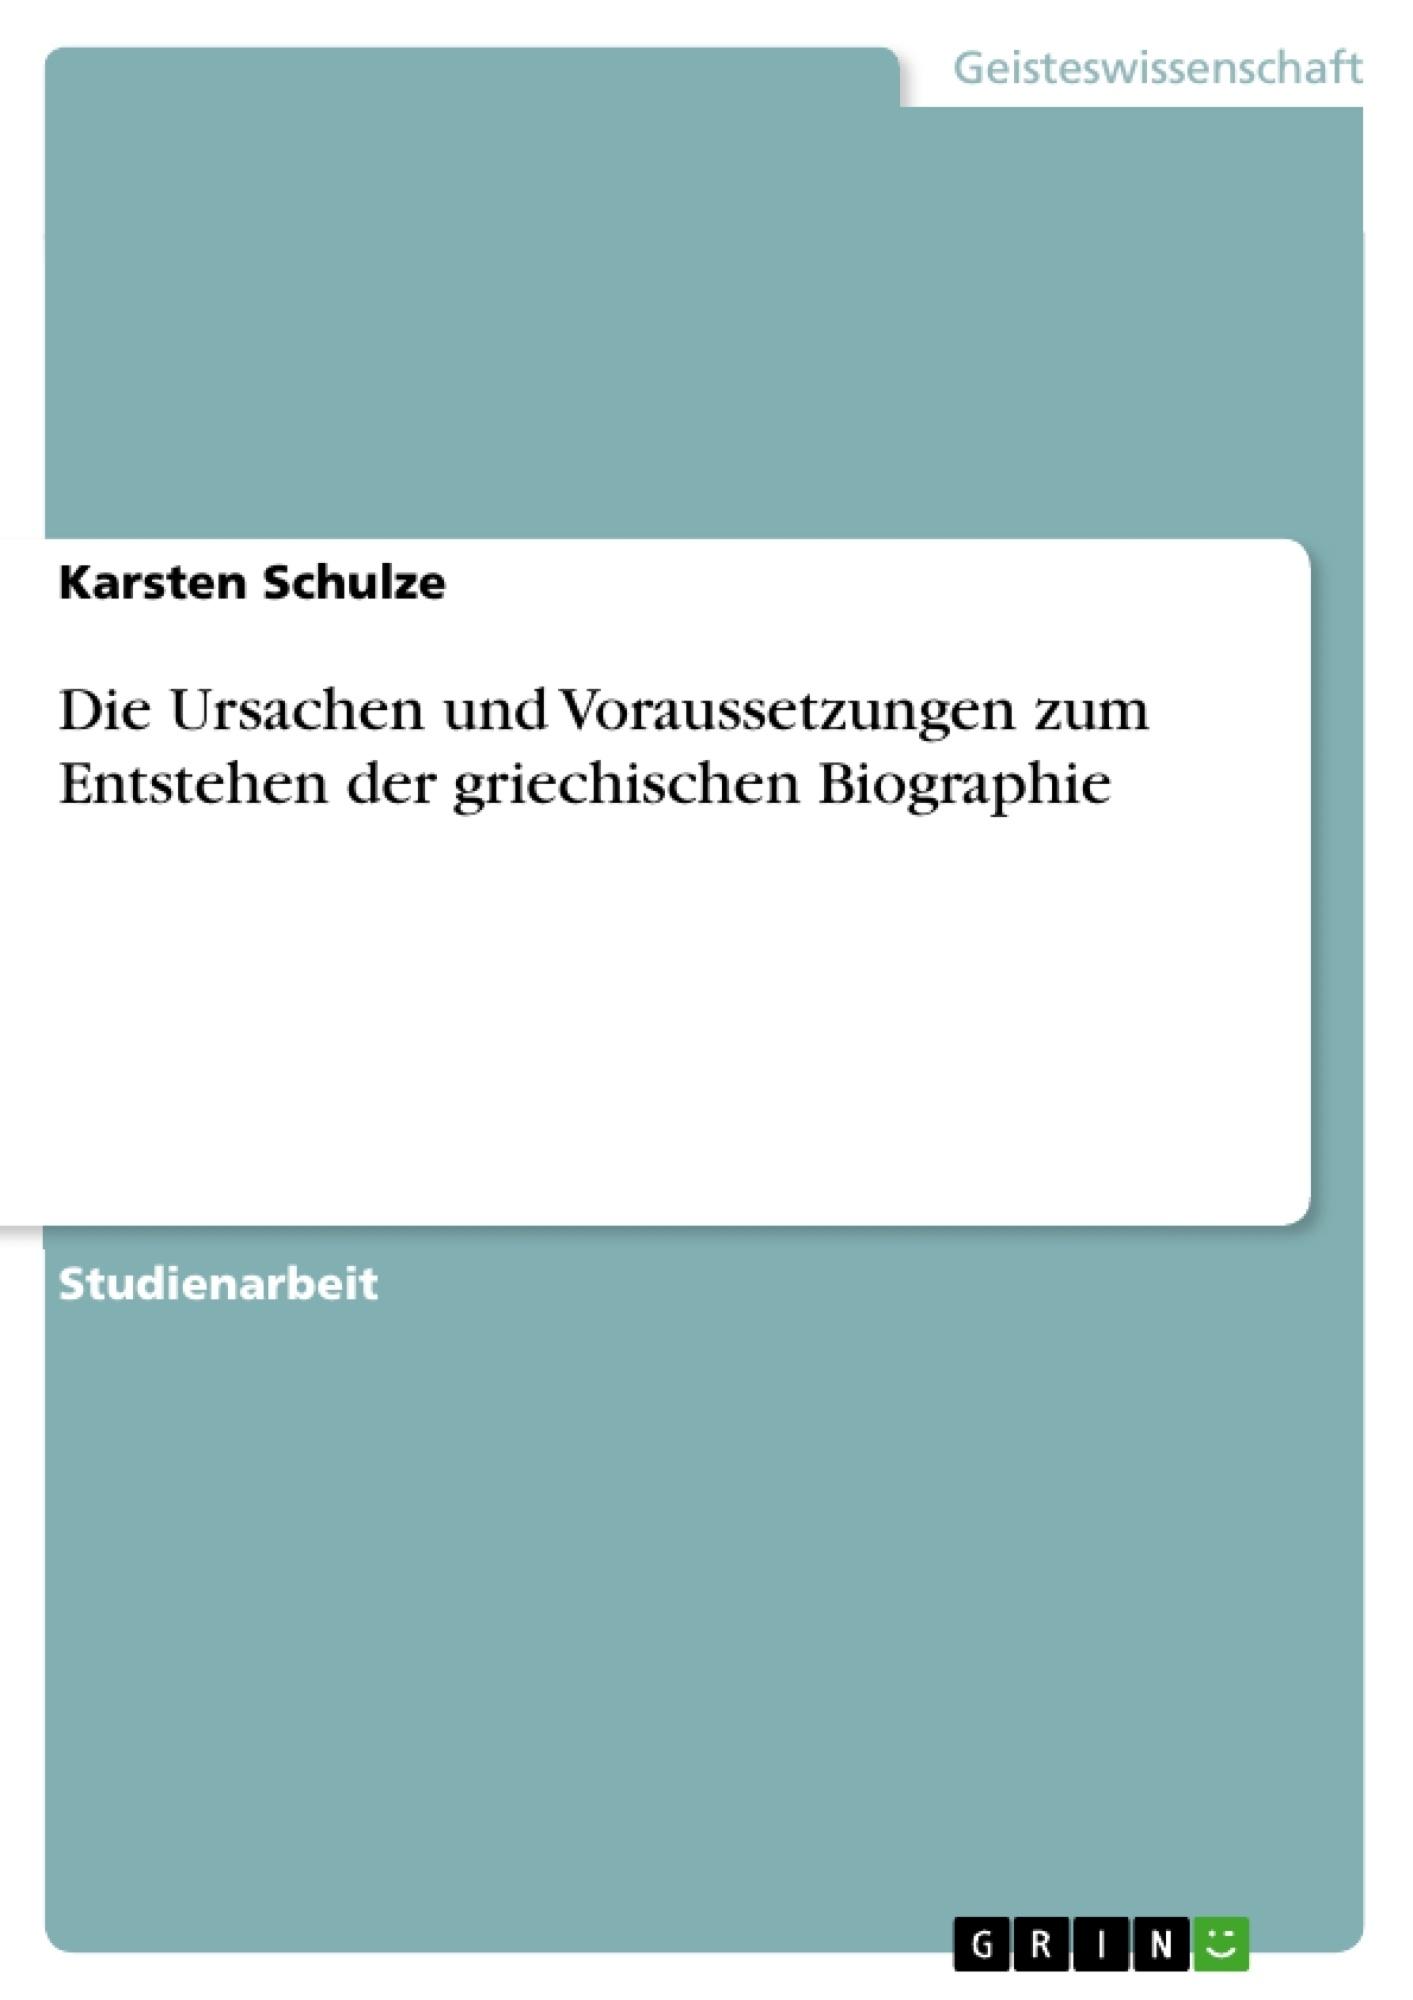 Titel: Die Ursachen und Voraussetzungen zum Entstehen der griechischen Biographie